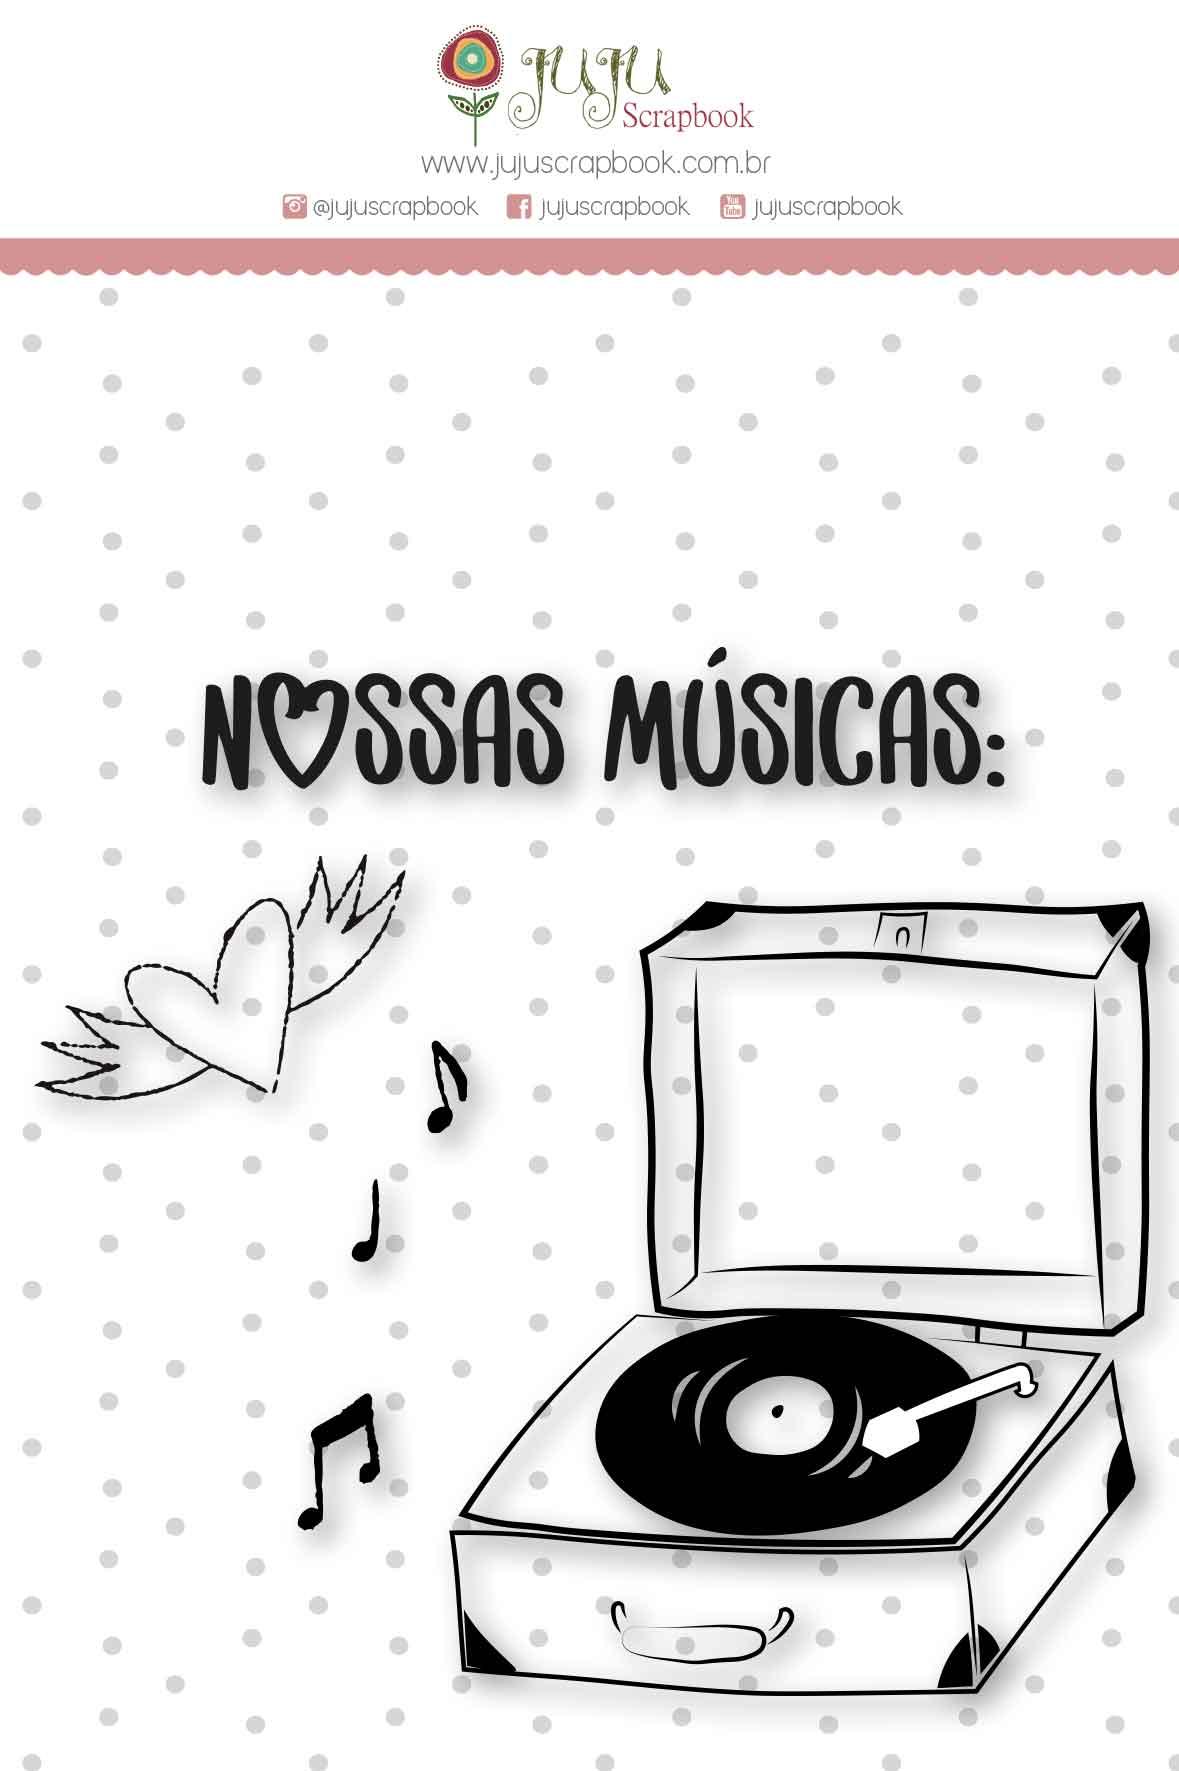 Carimbo M Nossas Músicas - Coleção Espalhando Amor - JuJu Scrapbook  - JuJu Scrapbook